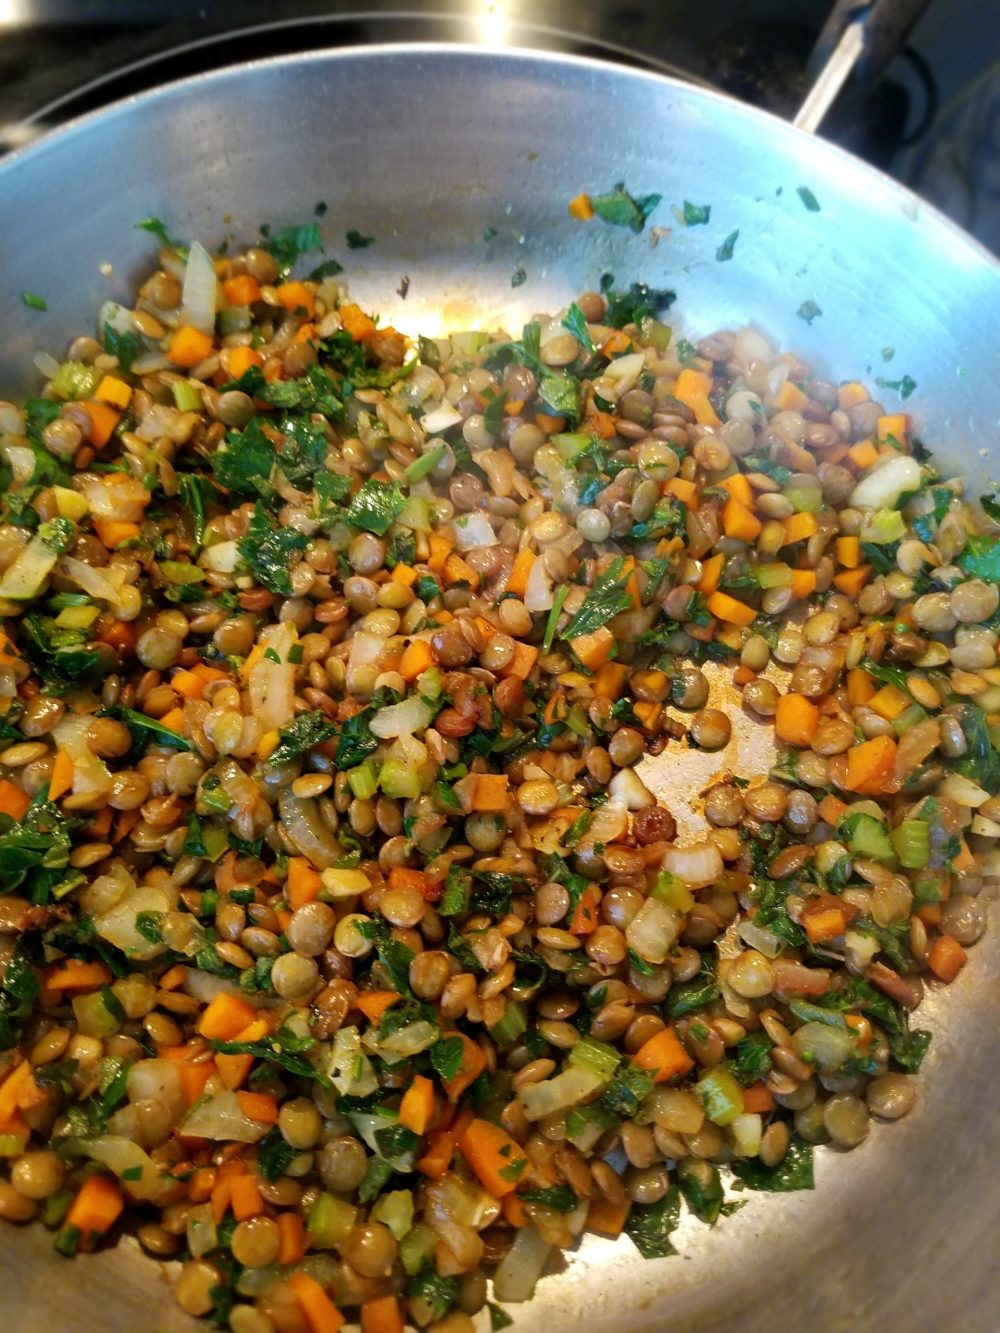 Homemade vegan lentil loaf recipe